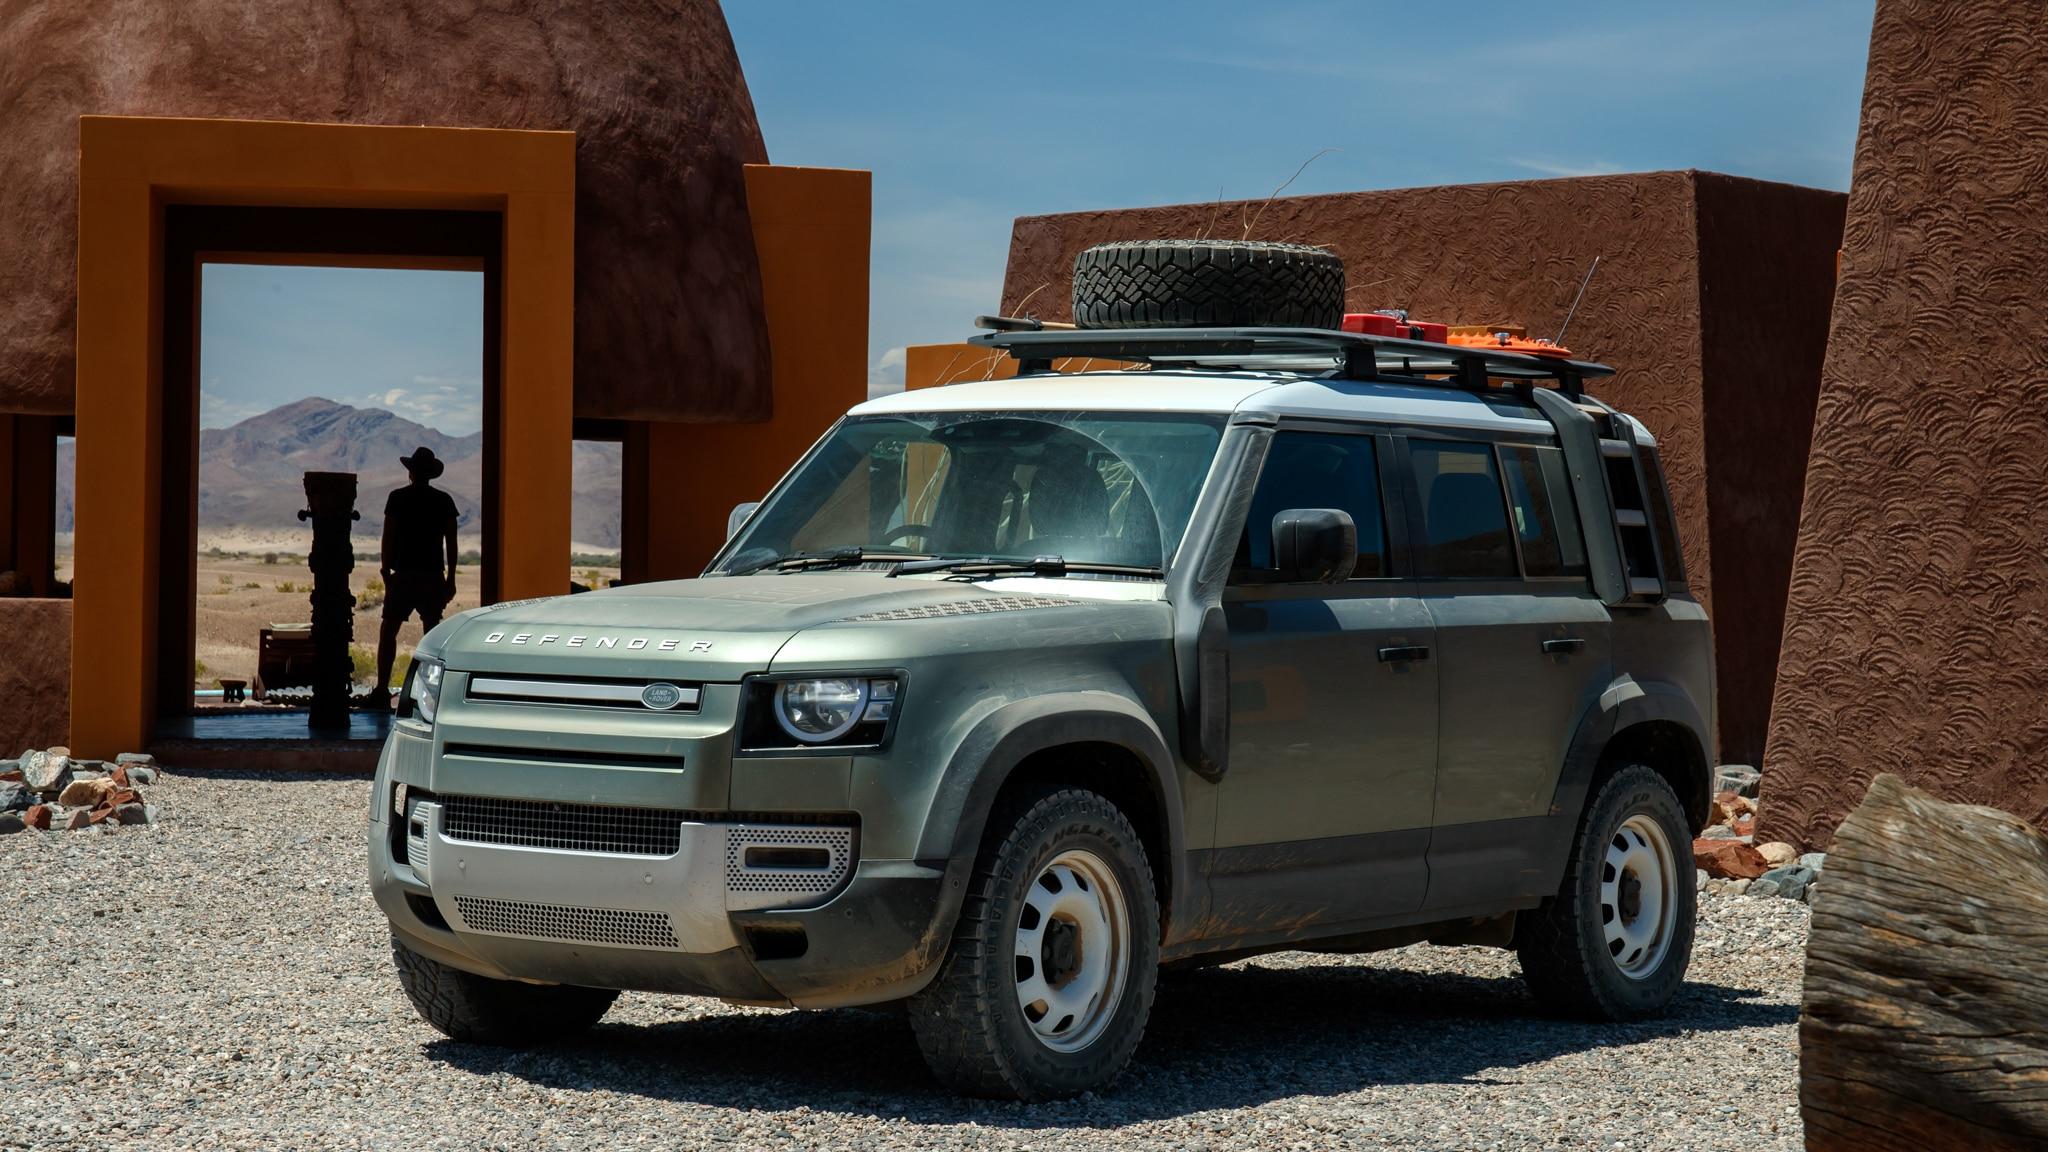 2020 Land Rover Defender 110 первый диск, цена, характеристики, 0-60 и более